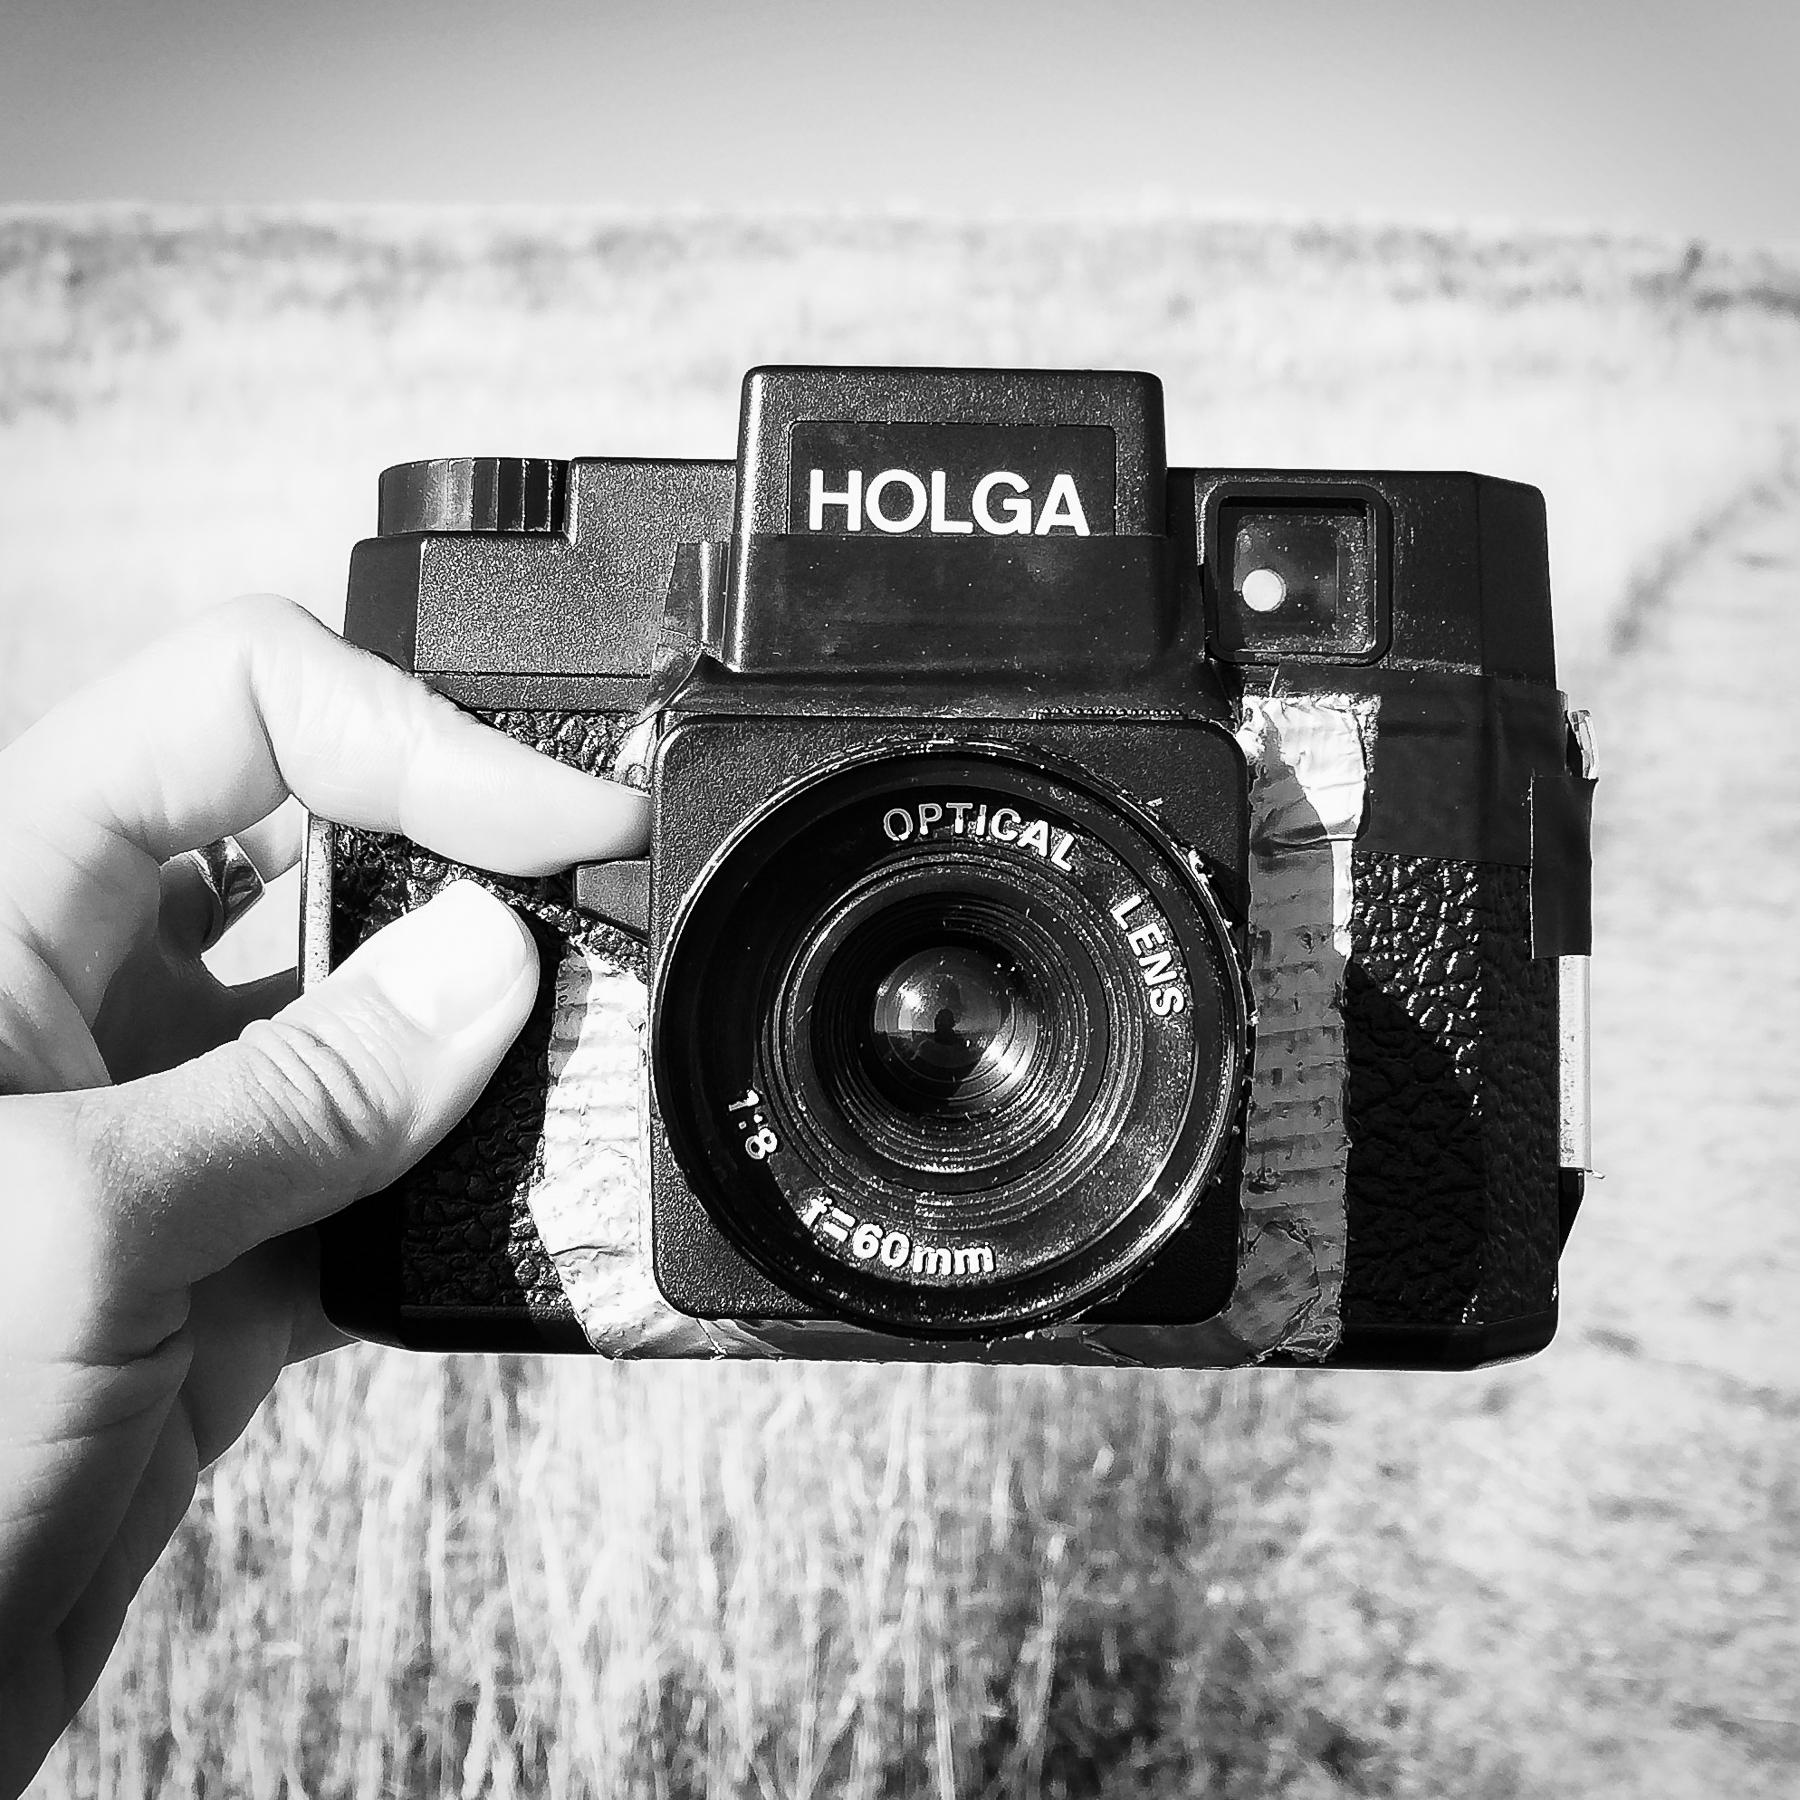 Yep, this is a Holga camera.